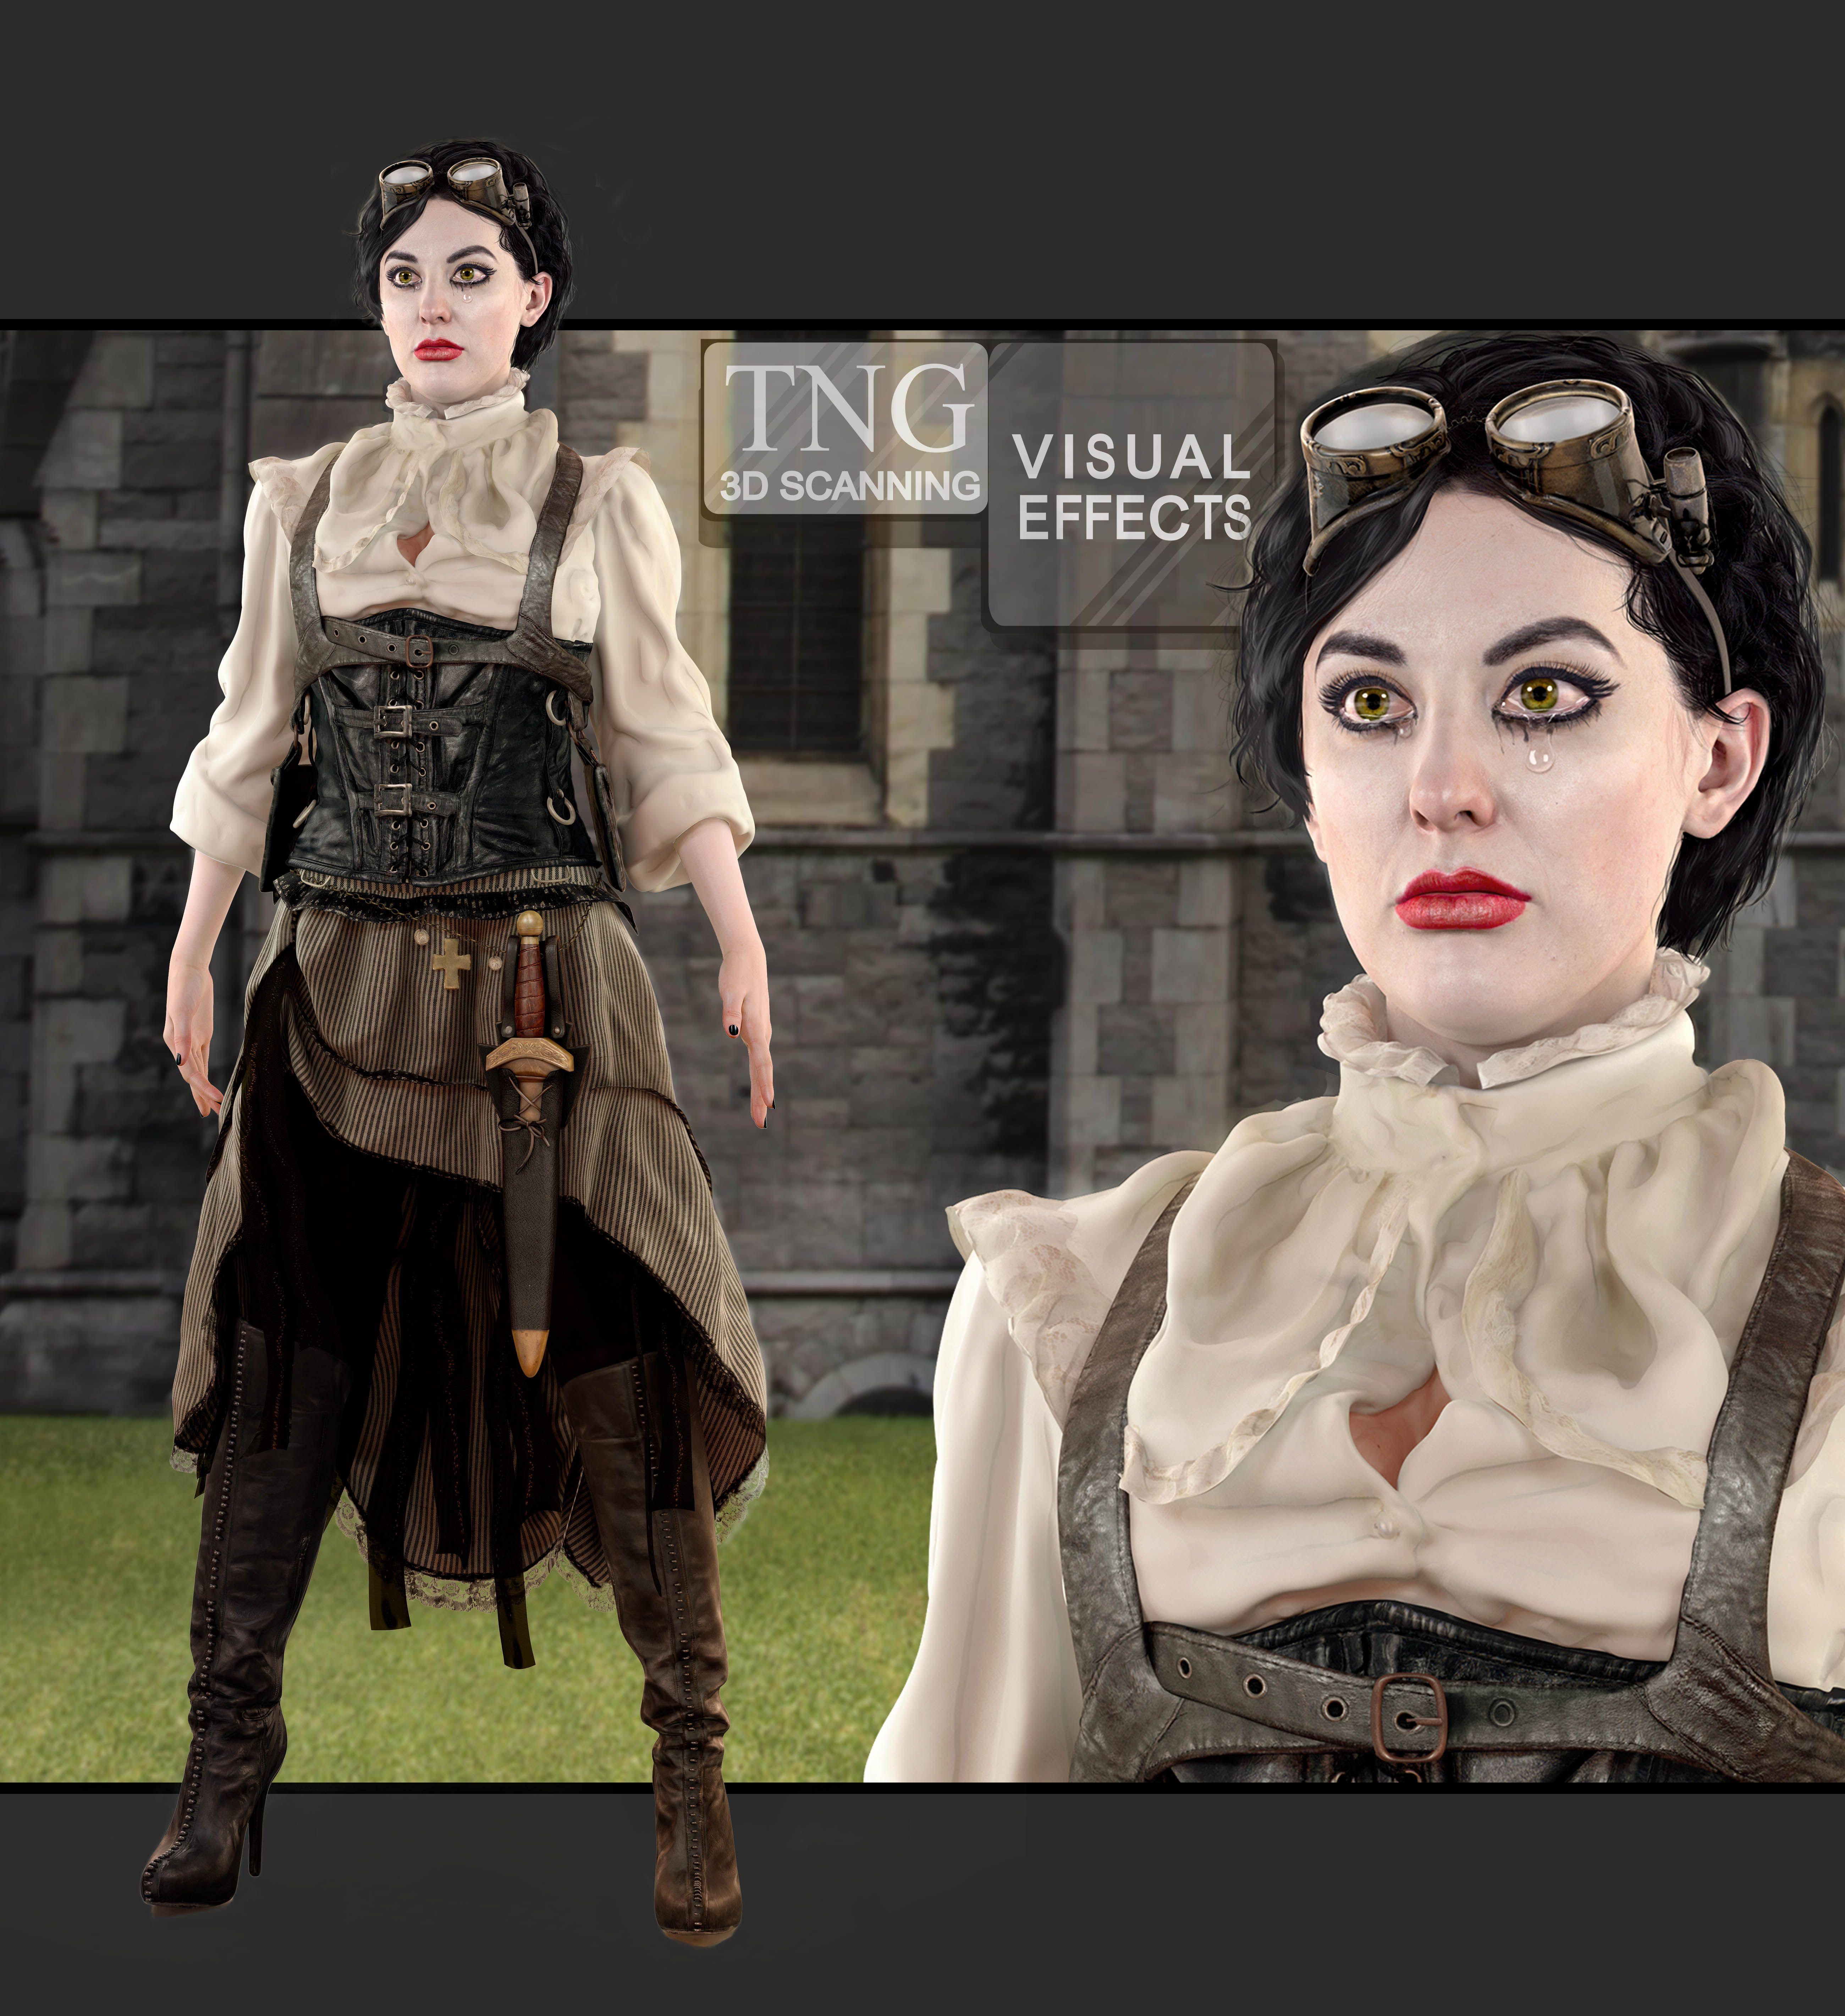 TNG VFX 3D Characters